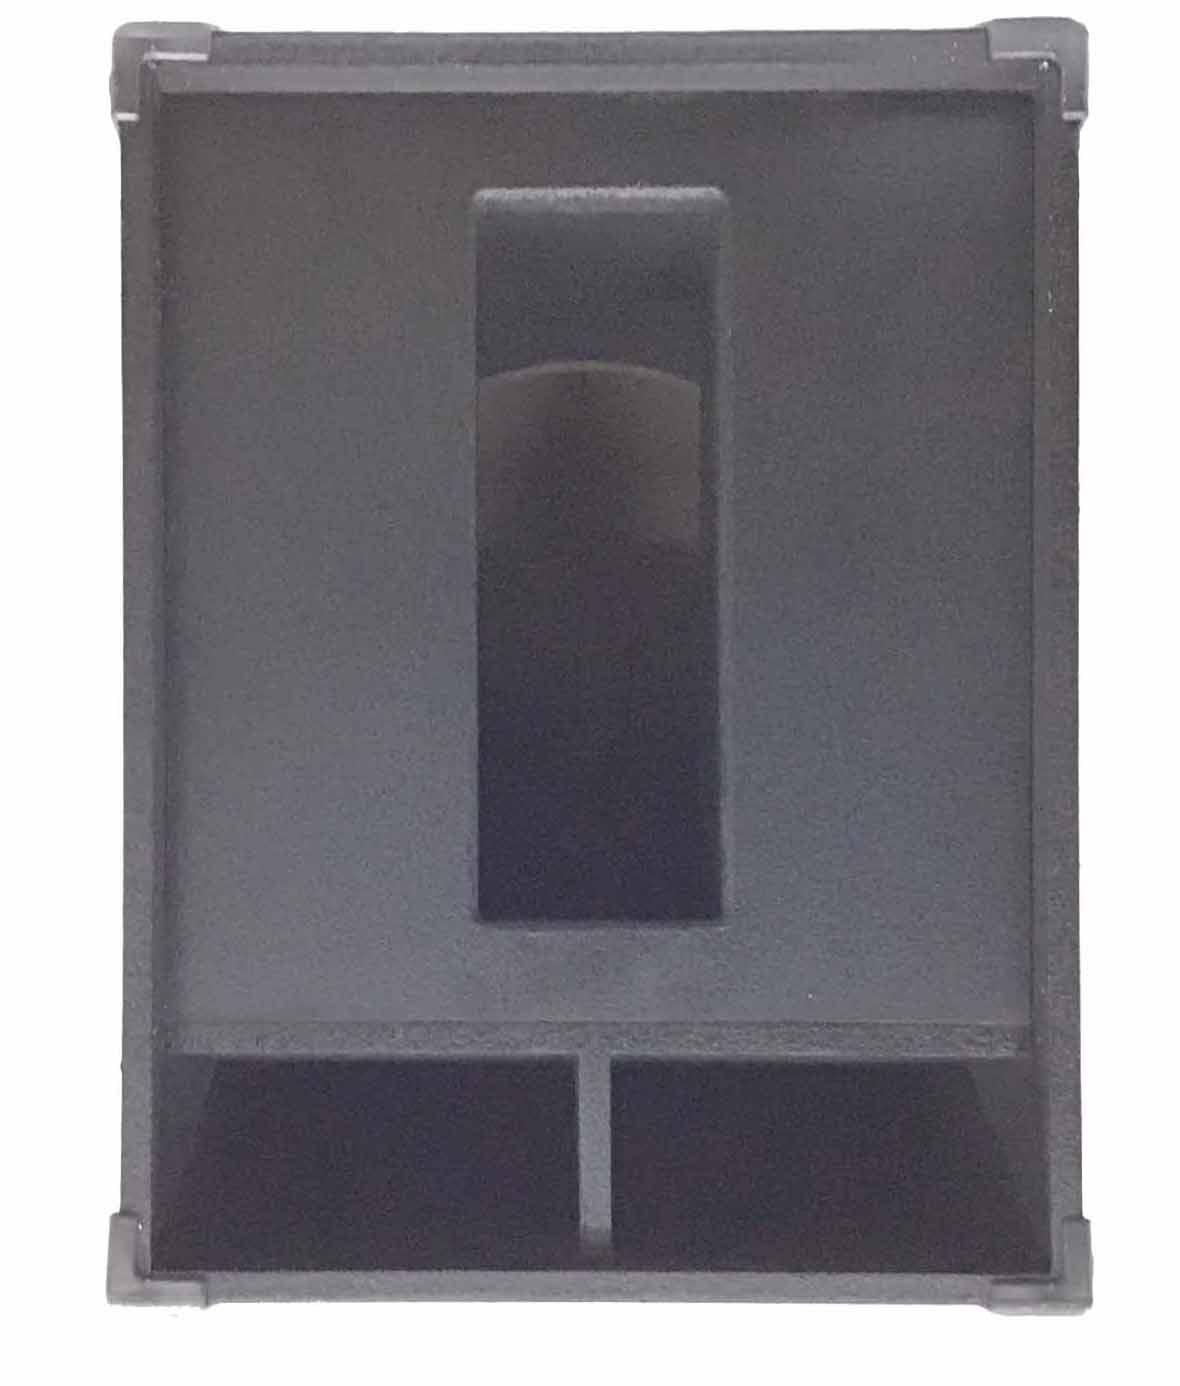 Sr Sound Order6 ตู้ลำโพงเปล่าซับเบส ขนาด 15 นิ้ว ไม้อัดแท้ 15 มิล ราคาต่อ 1 ใบ.